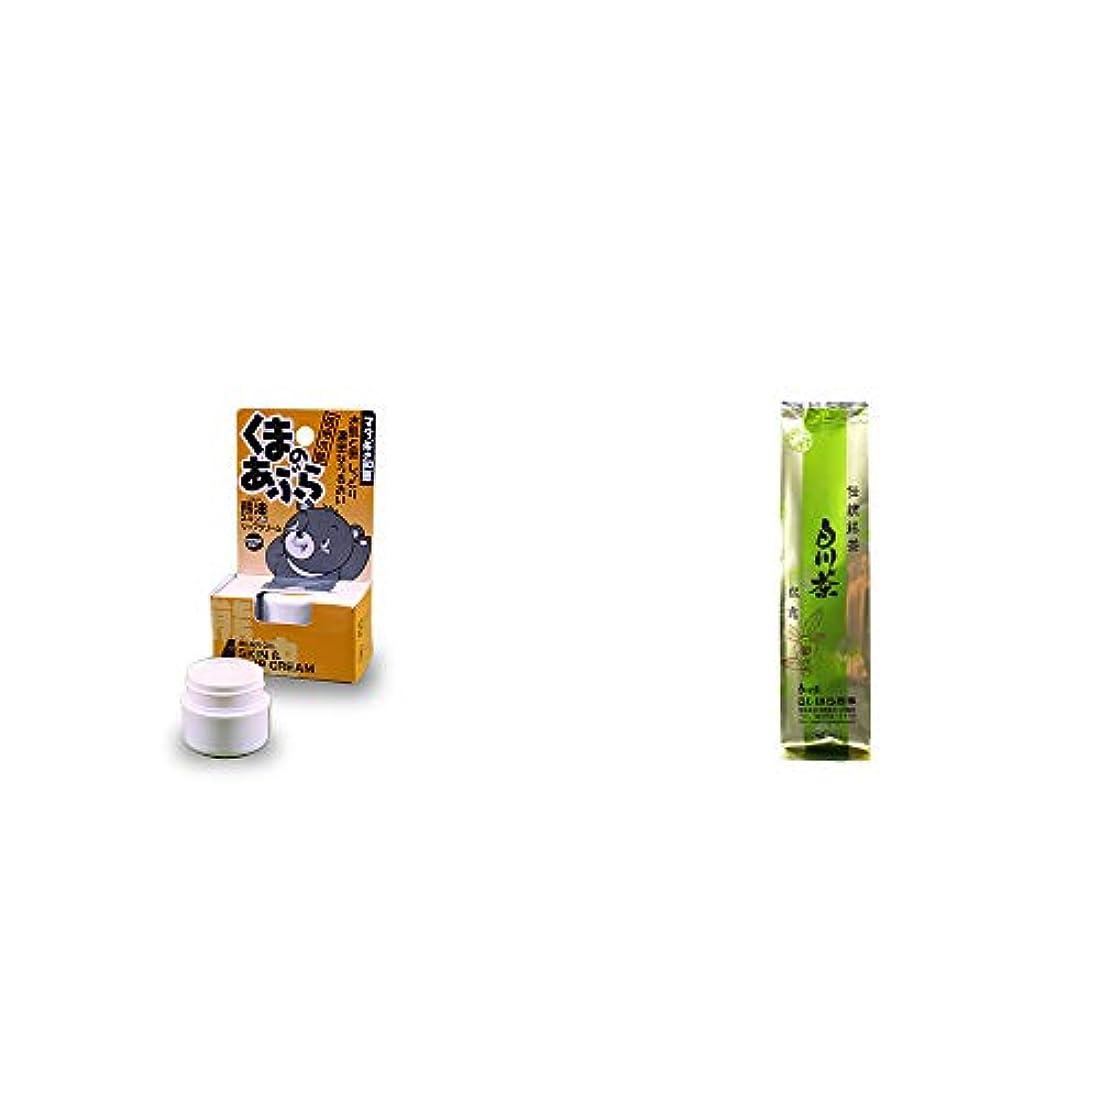 ヘルメット可動式セラフ[2点セット] 信州木曽 くまのあぶら 熊油スキン&リップクリーム(9g)?白川茶 伝統銘茶【松露】(180g)